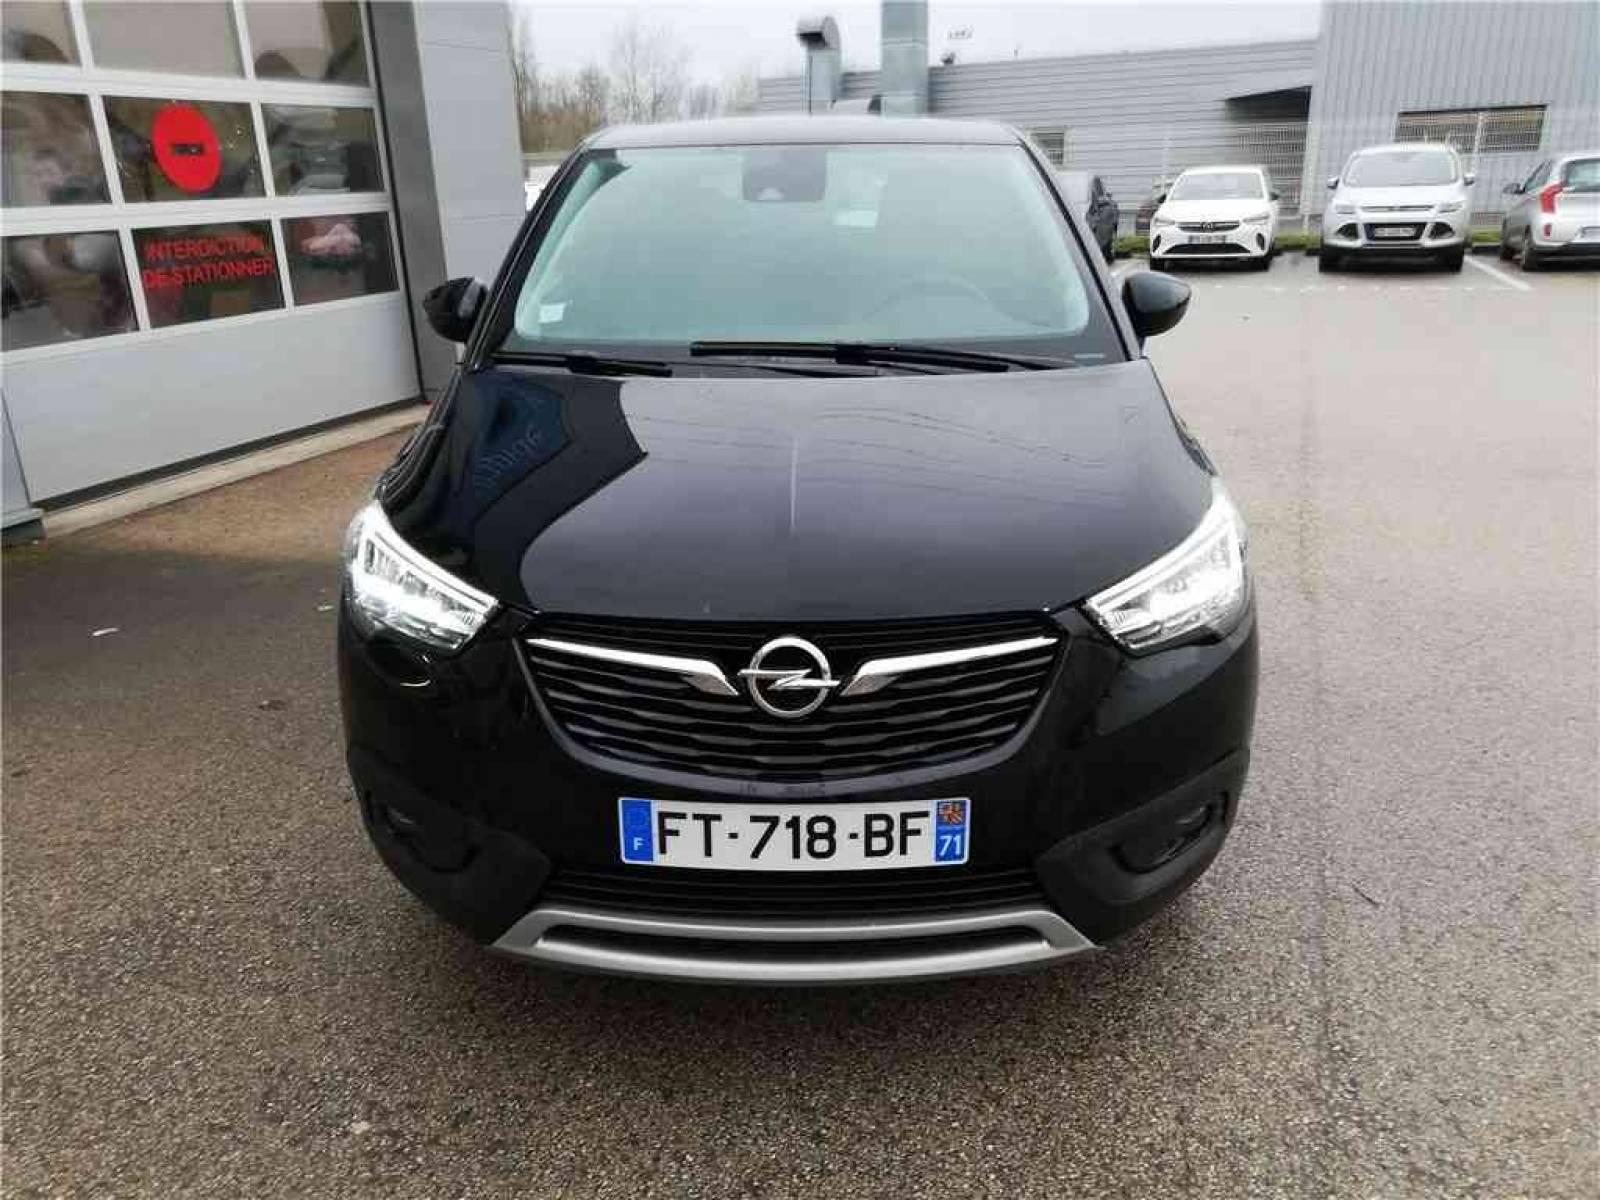 OPEL Crossland X 1.5 D 102 ch - véhicule d'occasion - Groupe Guillet - Opel Magicauto - Chalon-sur-Saône - 71380 - Saint-Marcel - 35